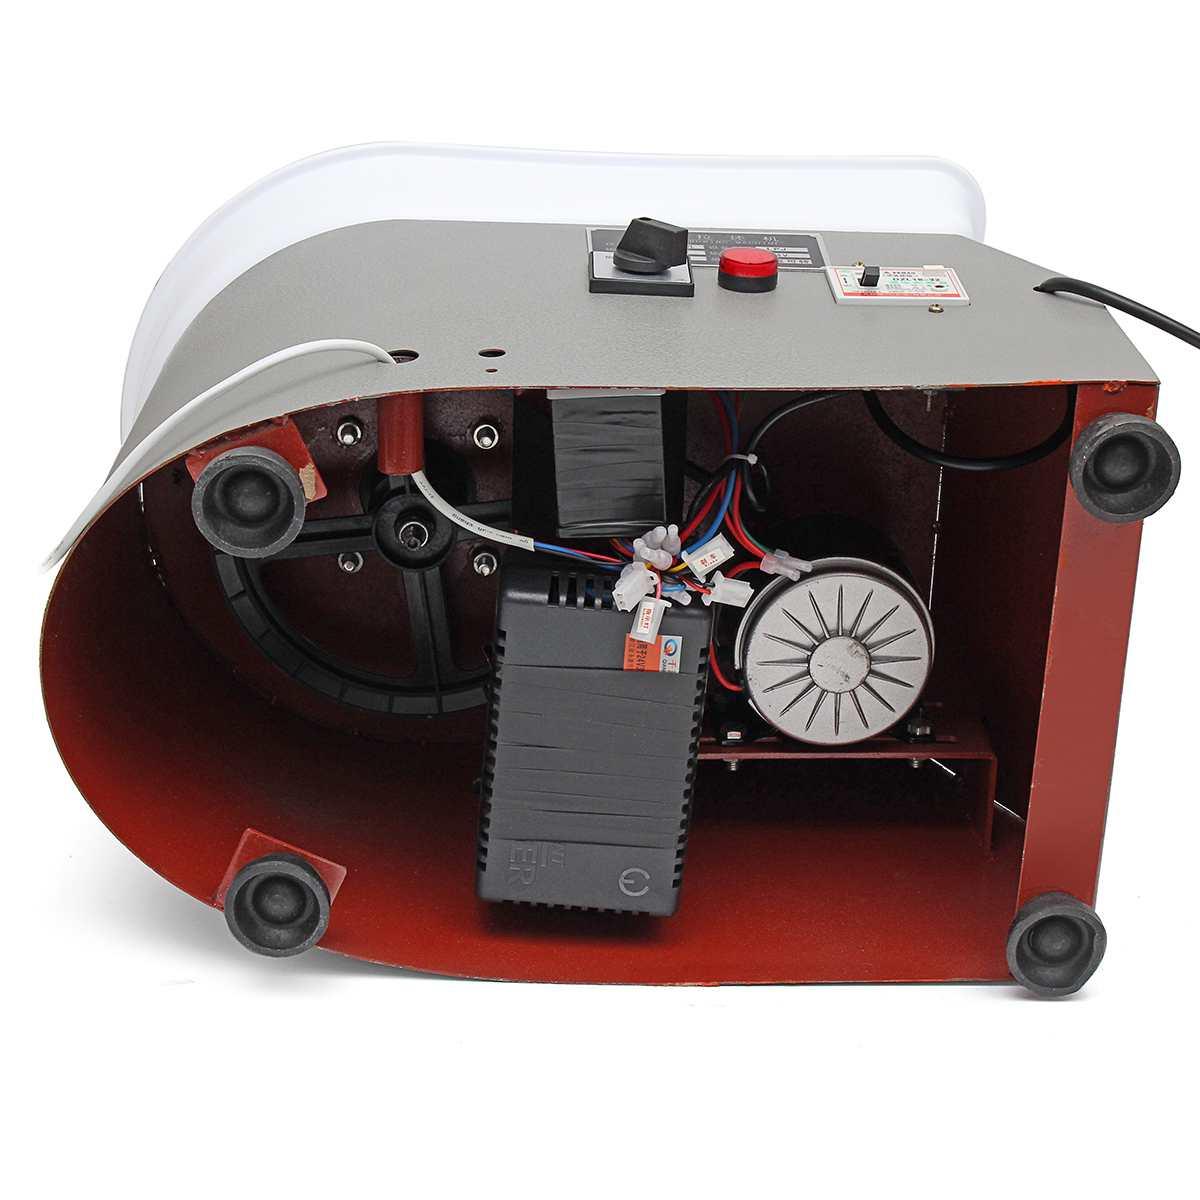 Poterie Formant La Machine 220 V 350 W Électrique Tour De Potier argile pour travaux pratiques Outil avec Plateau Flexible Pied Pédale Pour Travail En Céramique céramique - 5